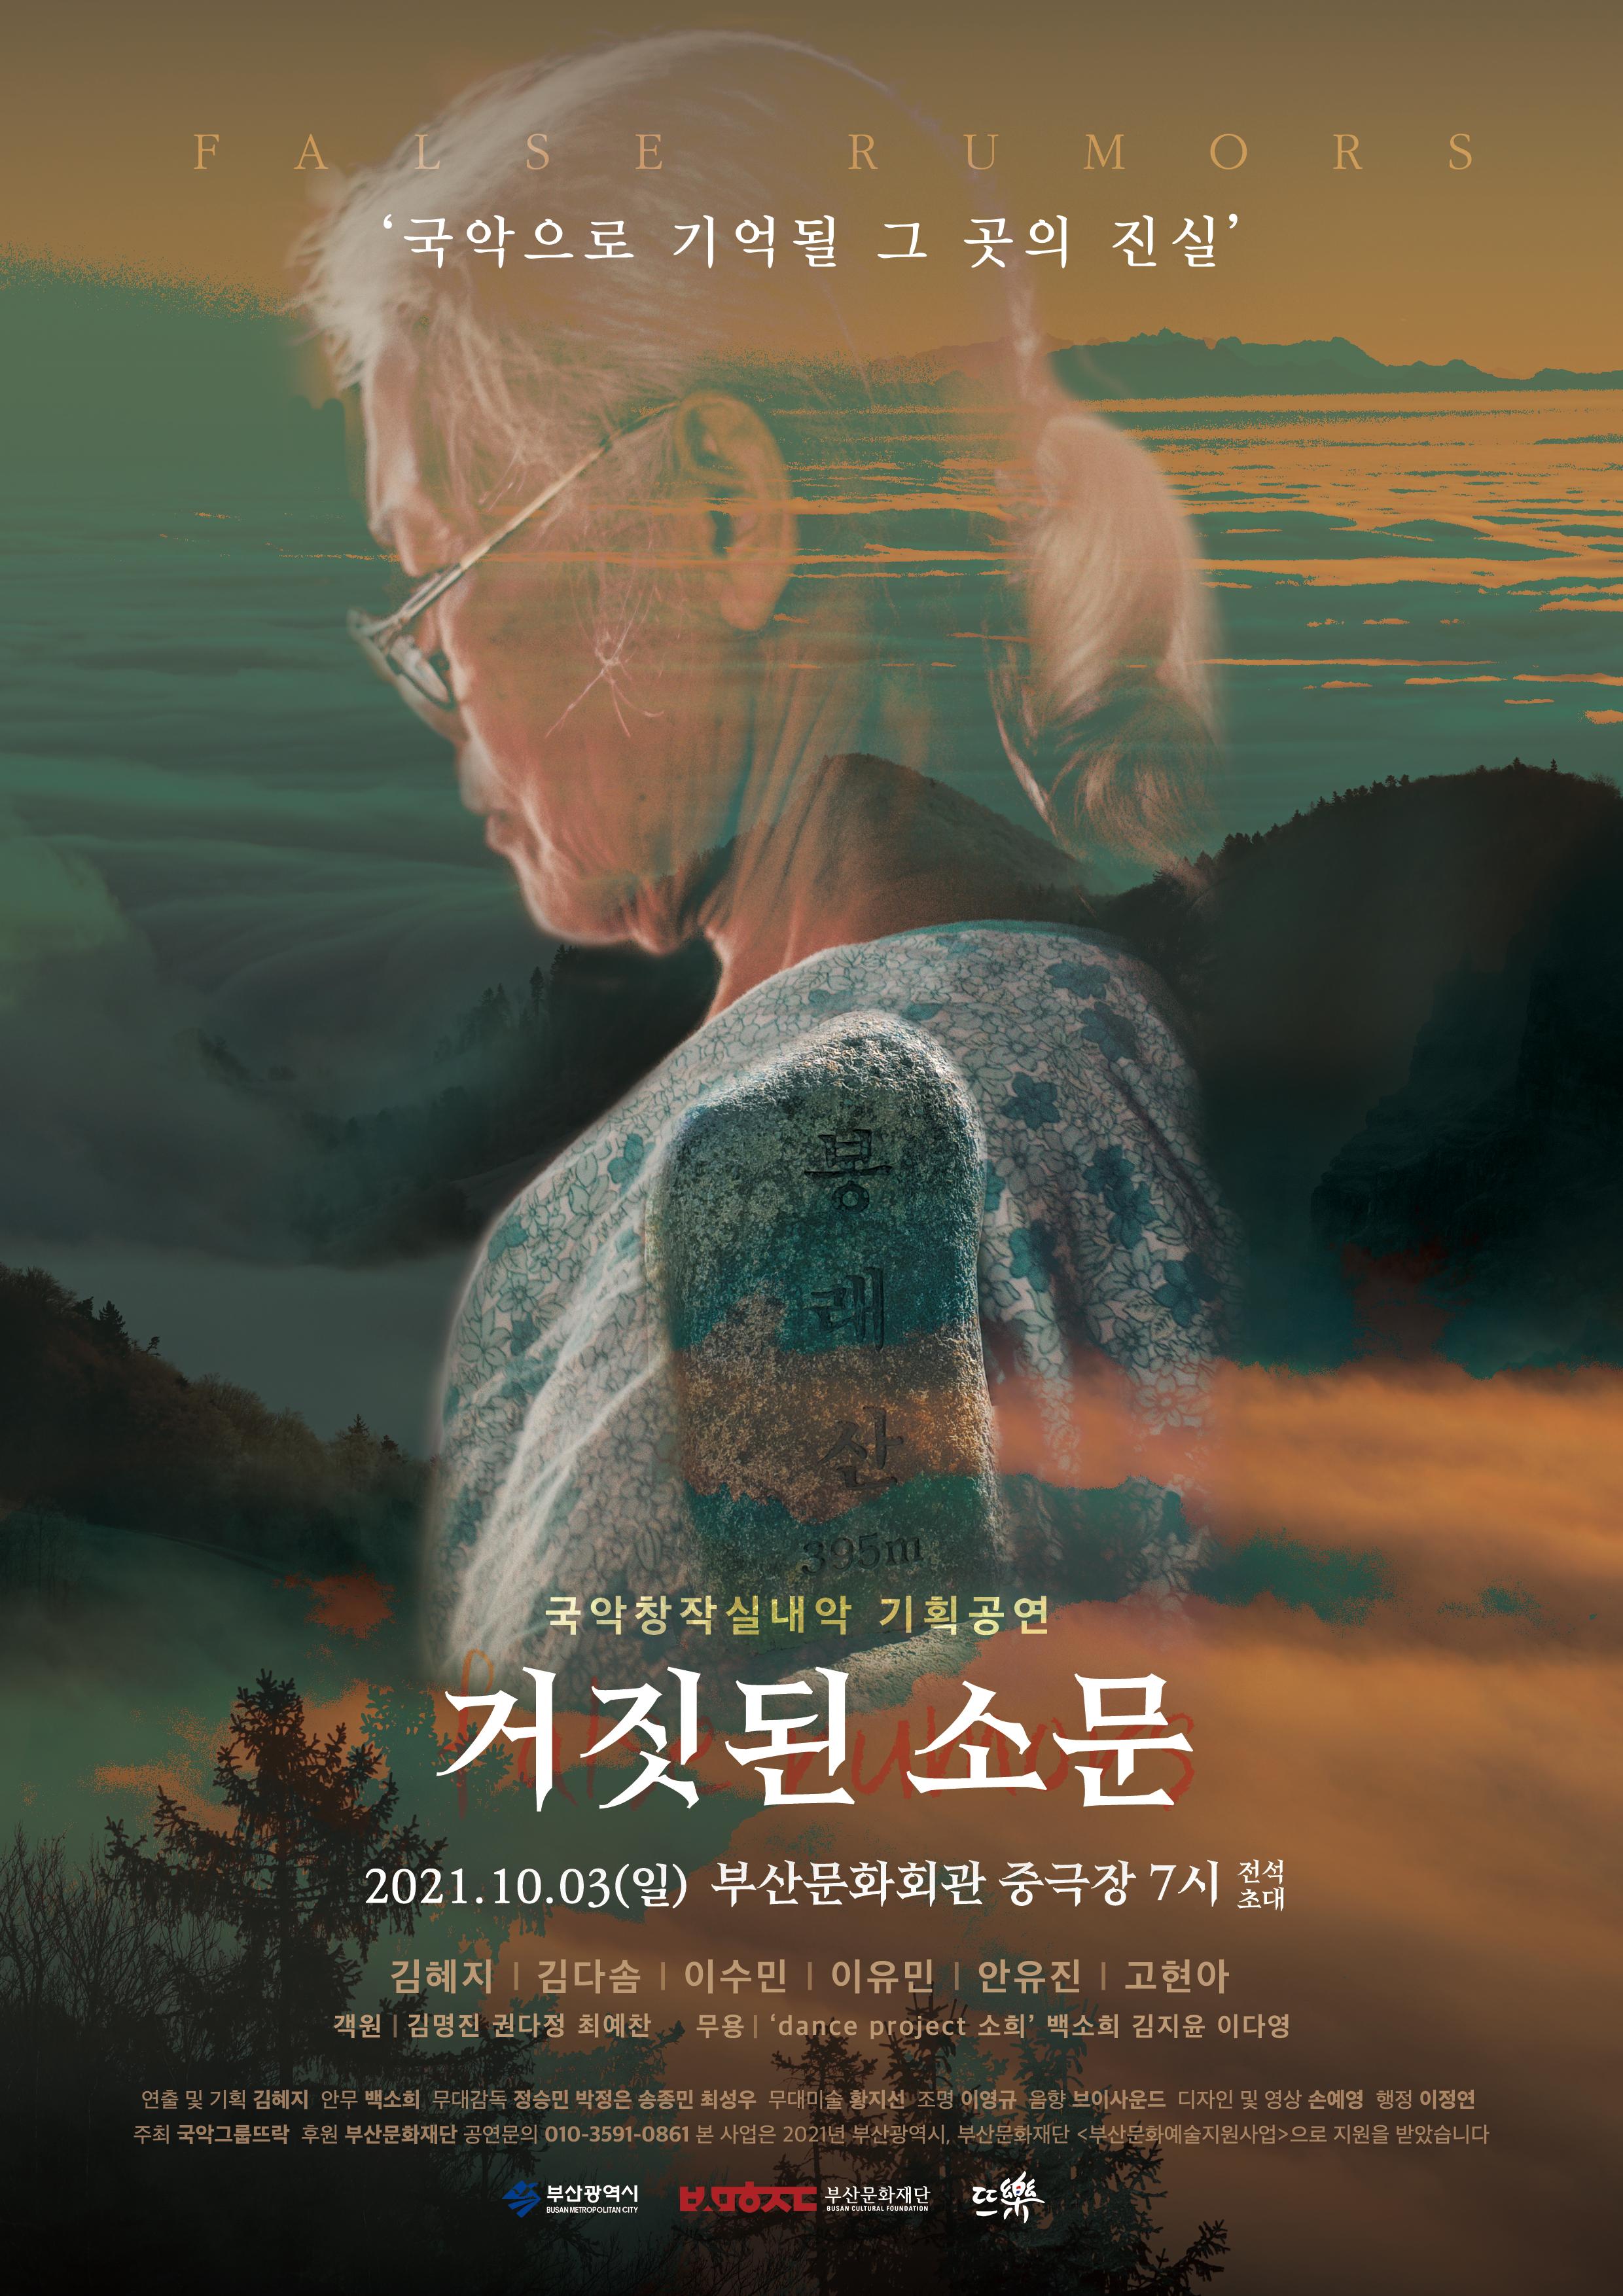 봉래산 할매바위 <거짓된 소문>